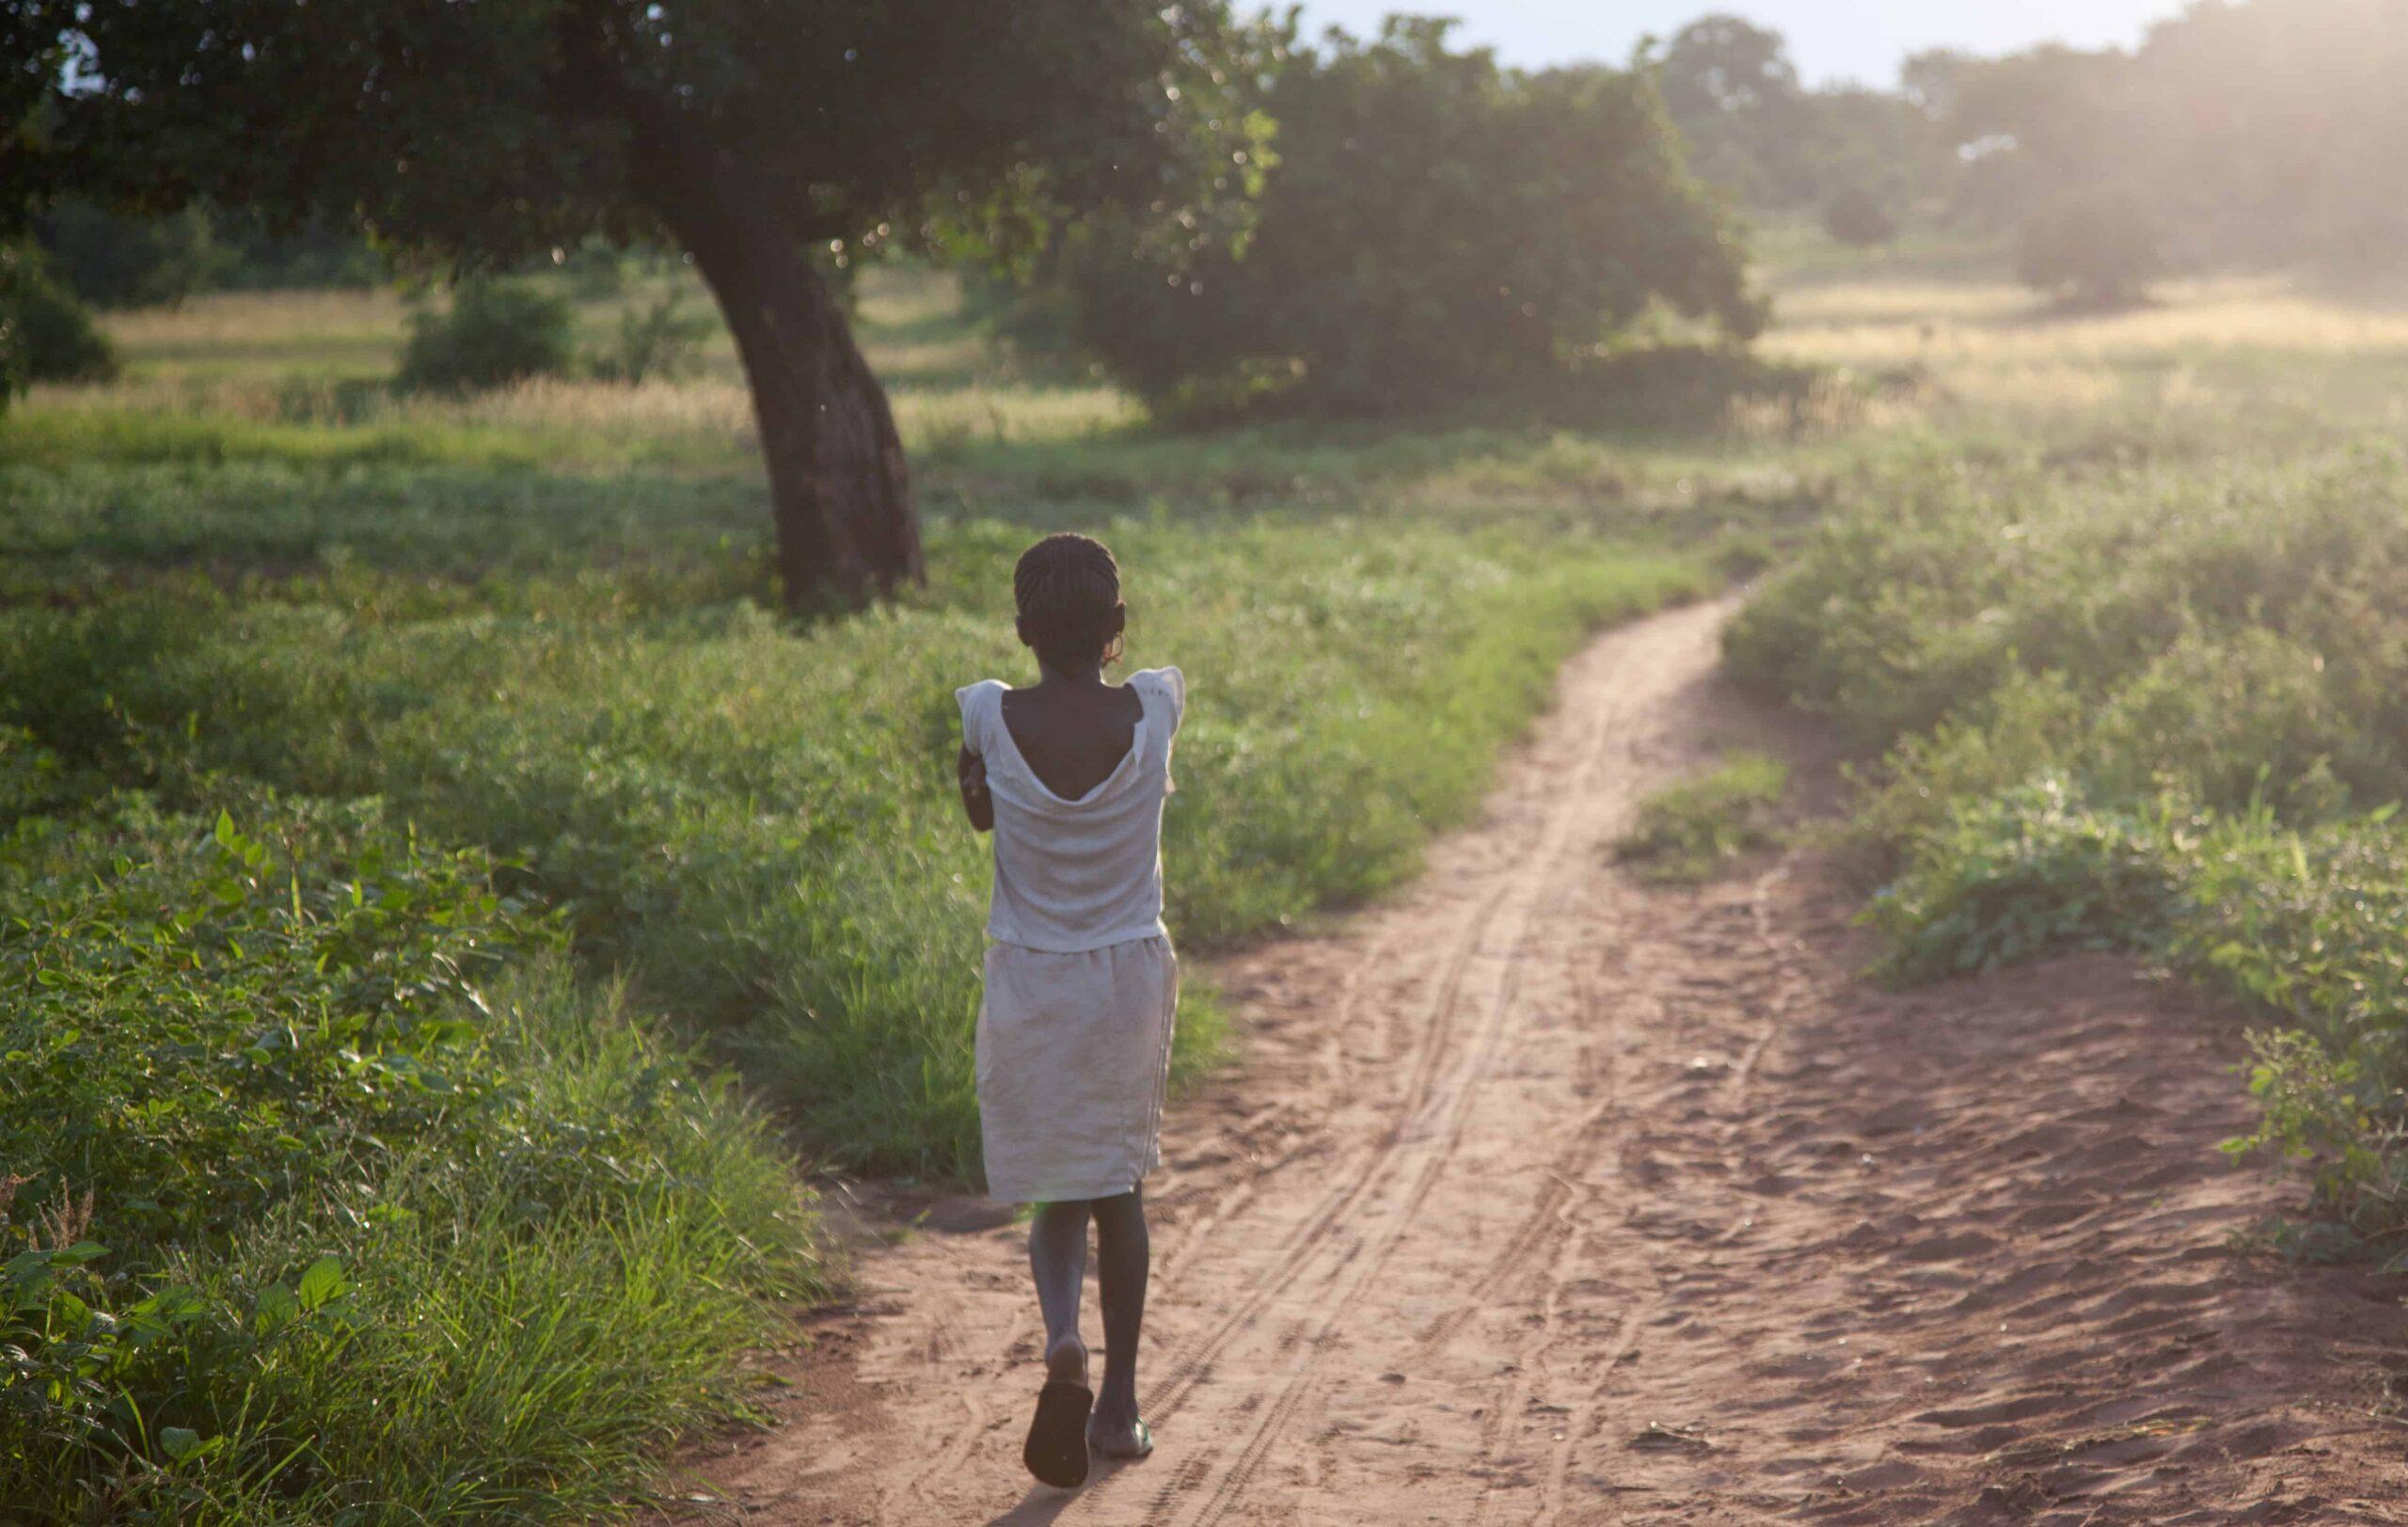 A girl in a white dress walks on a dirt path through a field